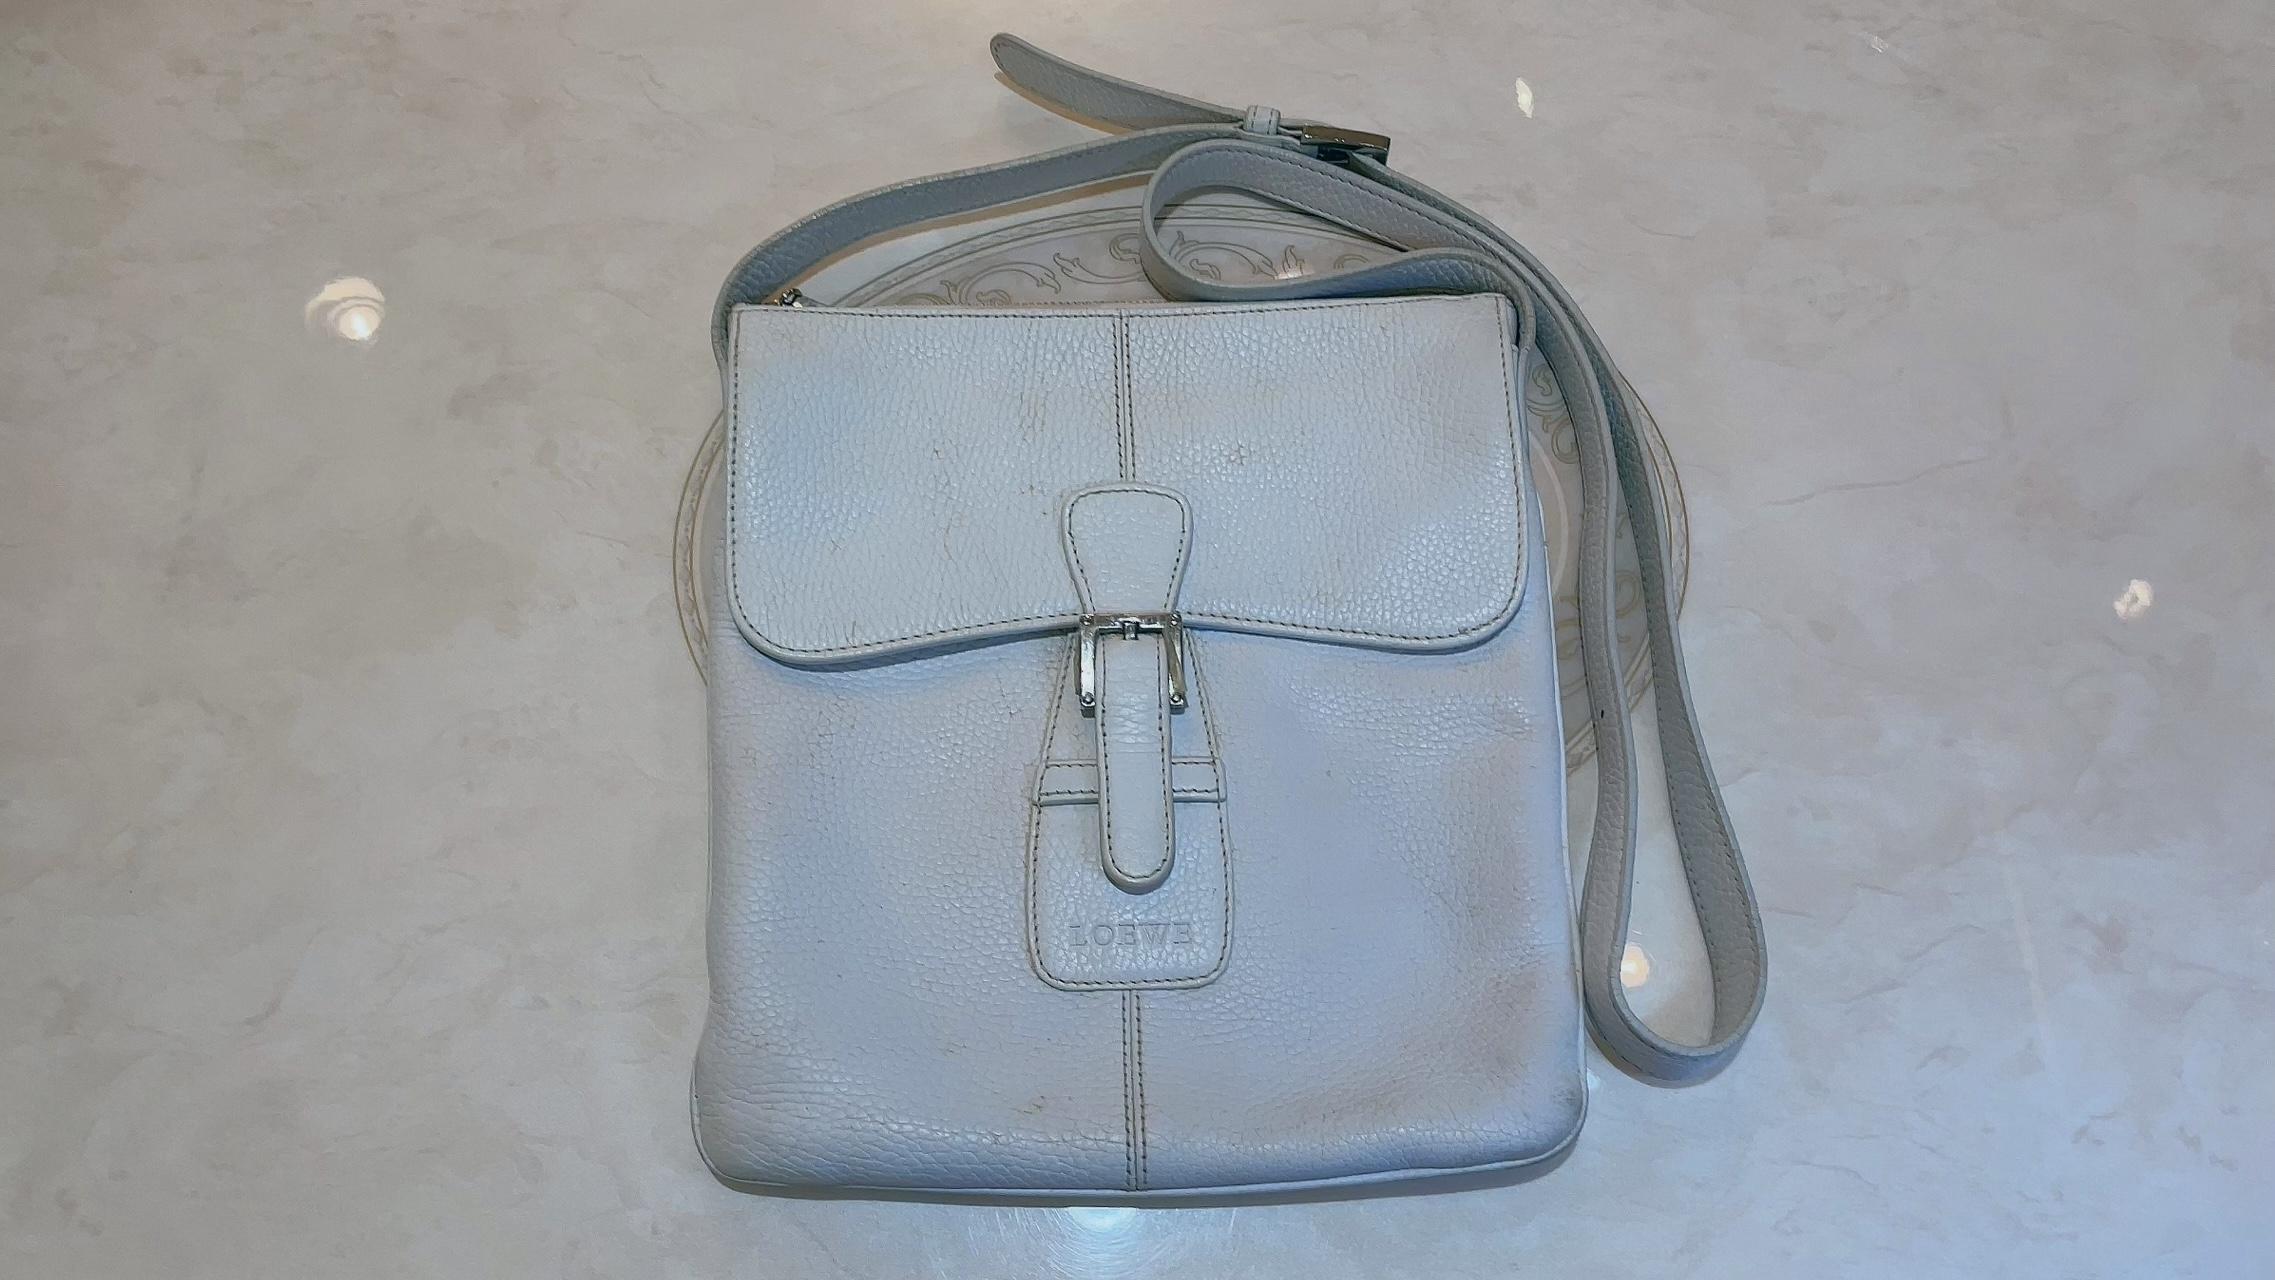 【買取速報】ブランドバッグ、LOEWE-2021-07-01